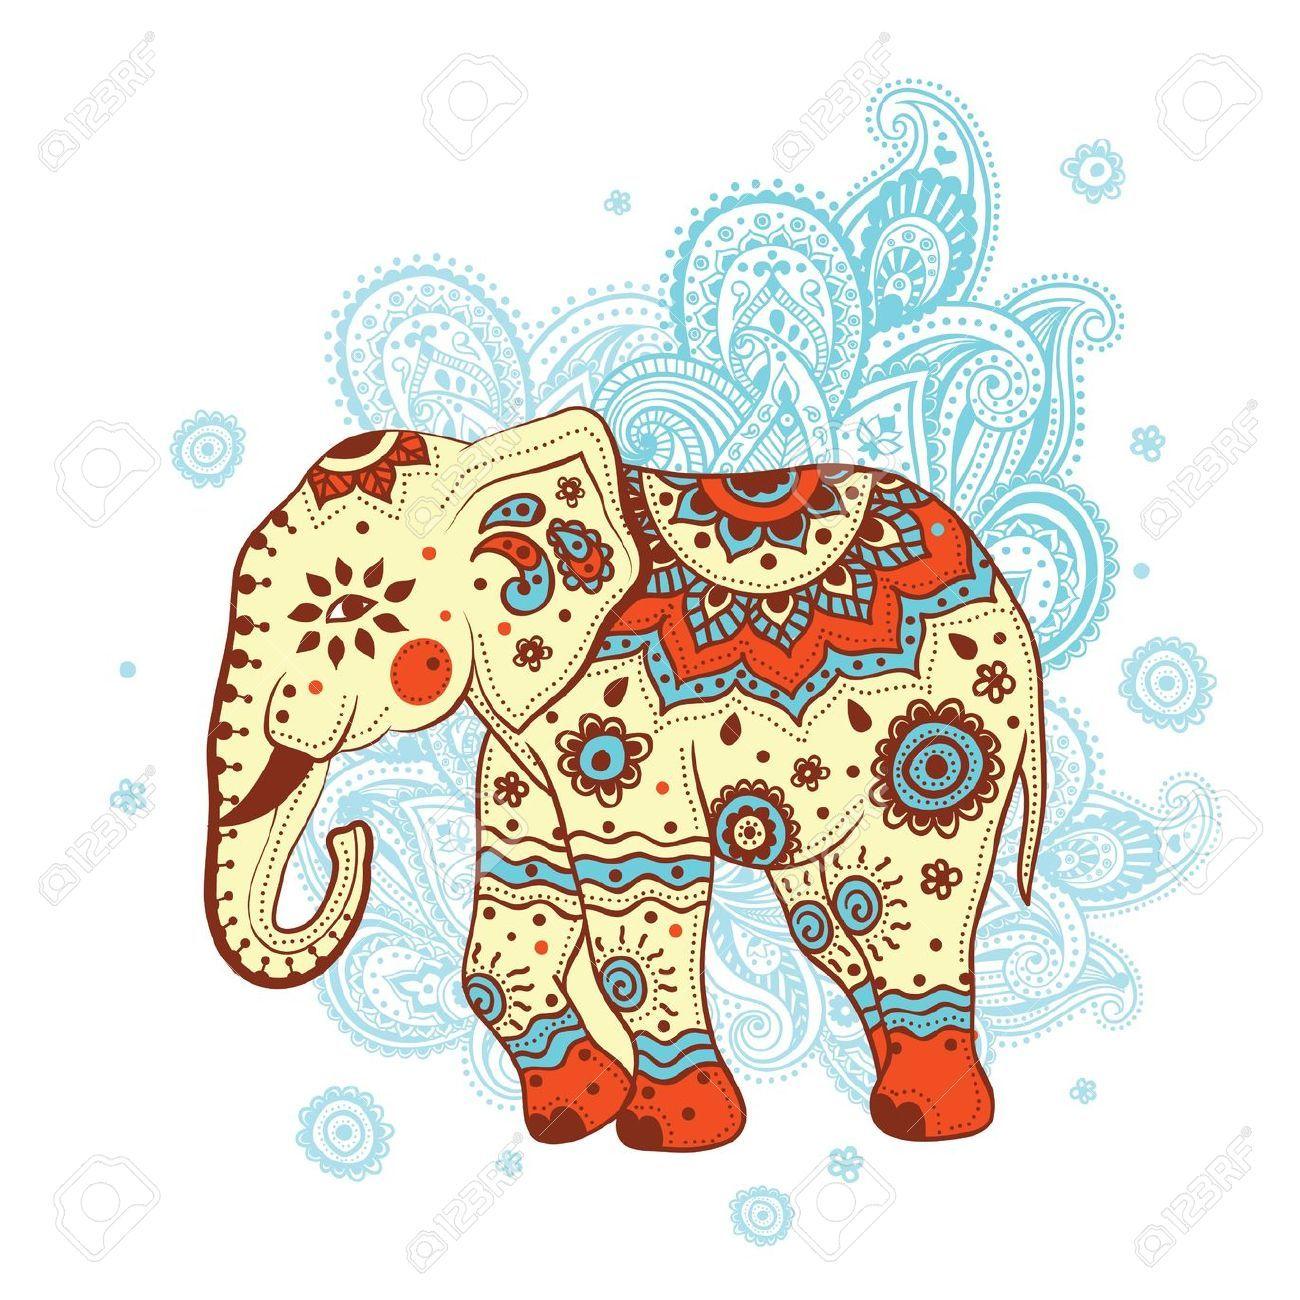 elefantes de la india imagenes pinterest - Buscar con Google | asdf ...